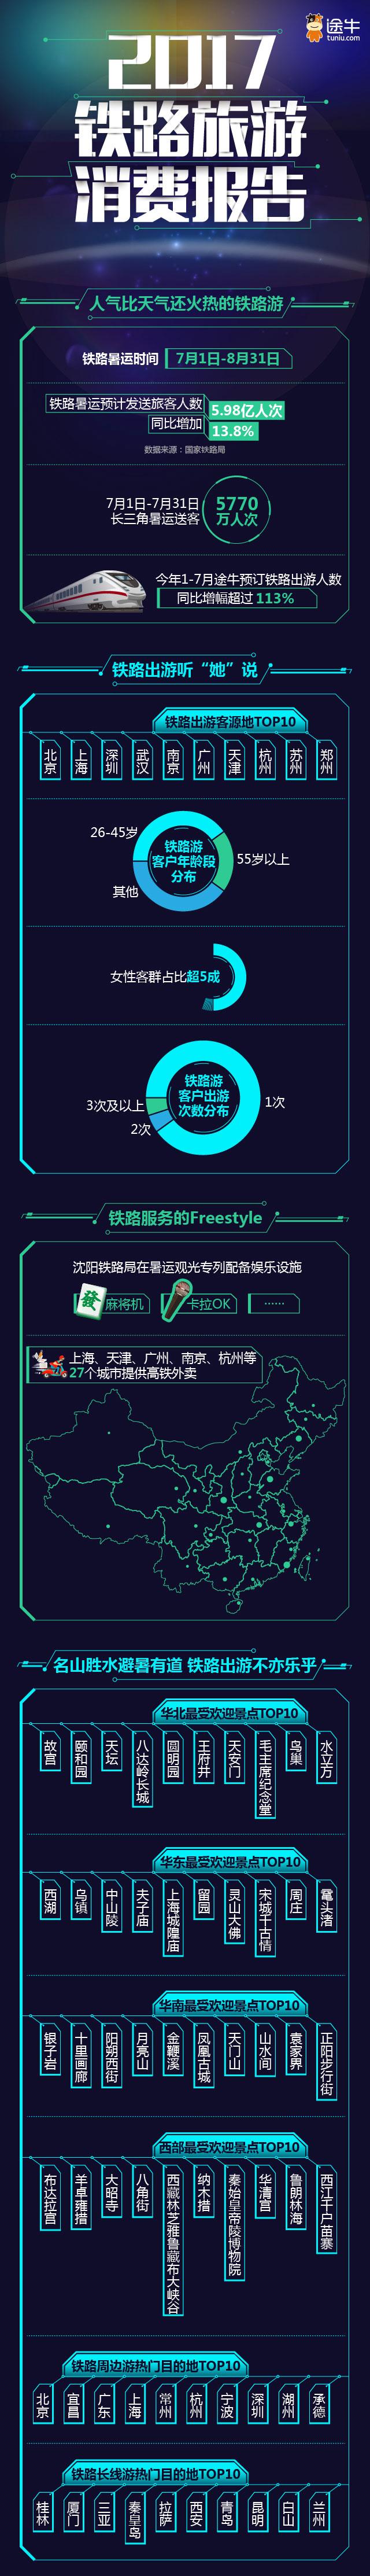 2017铁路旅游消费报告_20170721-01(9)